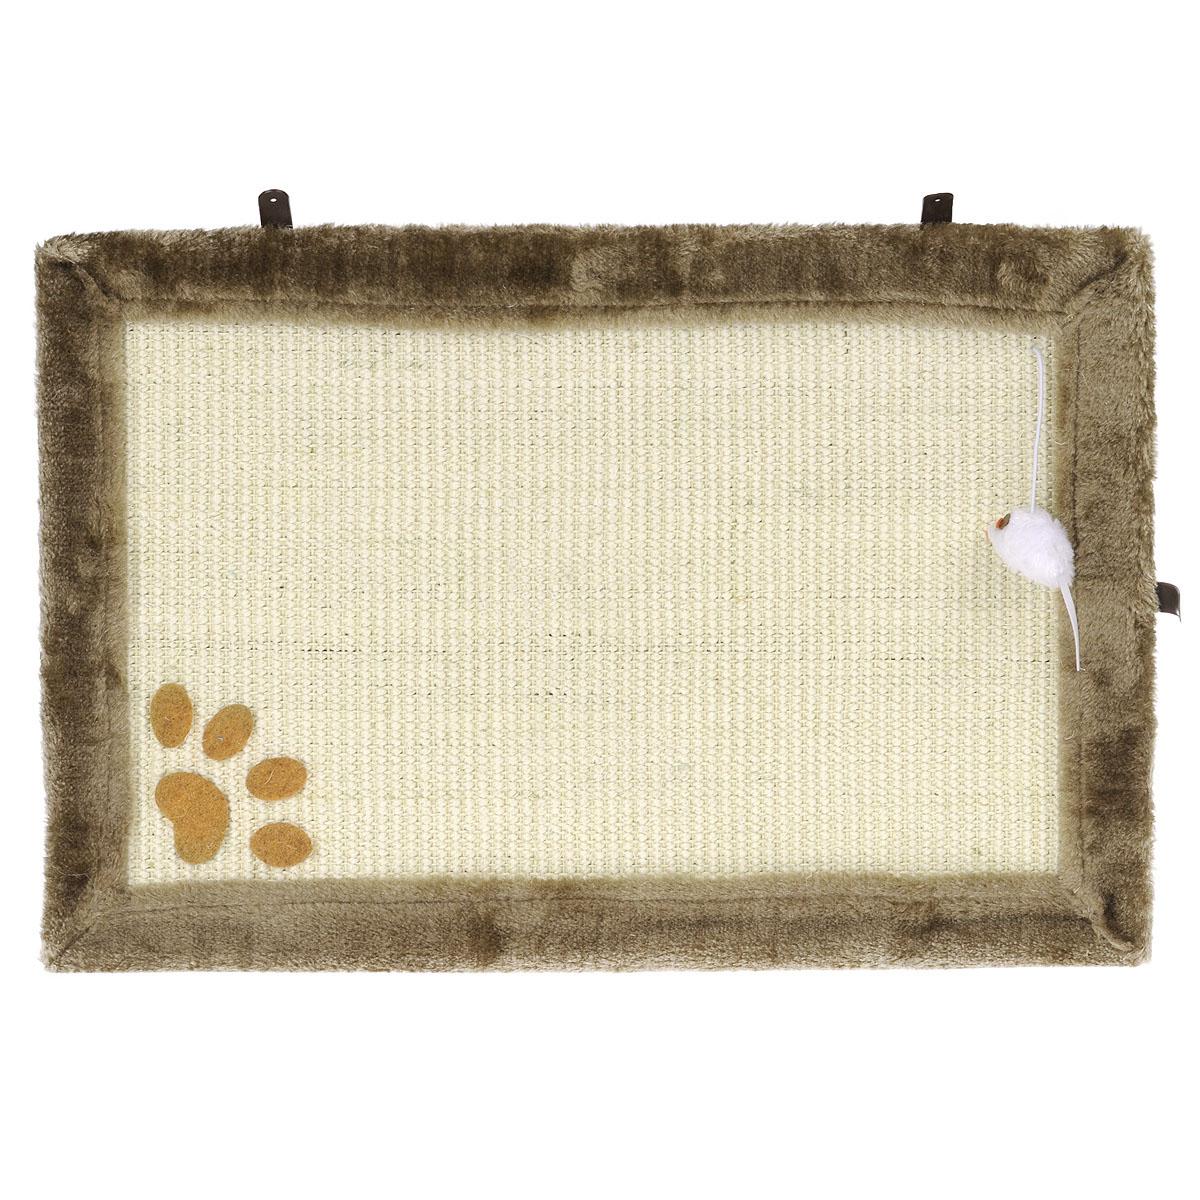 Когтеточка-коврик I.P.T.S., цвет: бежевый, 55 см х 35 см16453/405718Когтеточка в виде коврика I.P.T.S. изготовлена из сизаля - устойчивого натурального материала. По краям коврик обит плюшем, который так нравится кошкам. В уголке прикреплена игрушечная мышка на веревочке, которая поможет привлечь внимание вашего питомца к когтеточке и приучить его точить когти в нужном месте. Коврик можно разместить в любом месте вашего дома или даже повесить на стену. Перед тем, как определиться с местом, понаблюдайте за привычками своего любимца - где ему больше по душе точить когти. В комплект входят 3 шурупа.